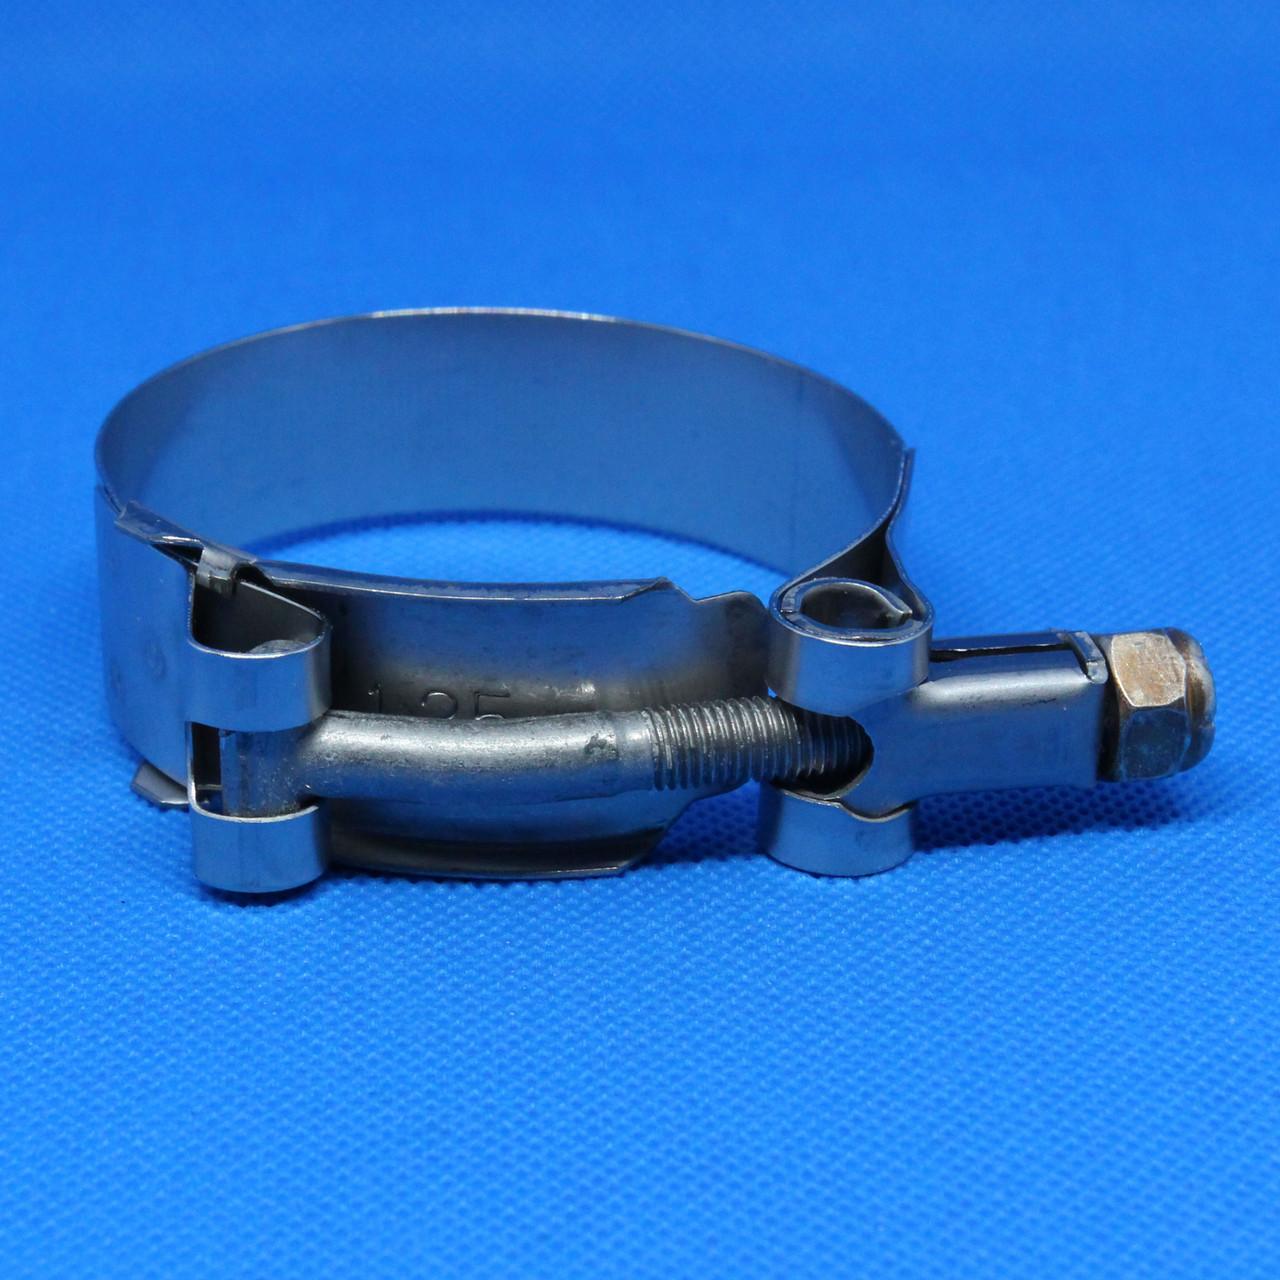 Breeze TB150 Standard T-Bolt Clamps